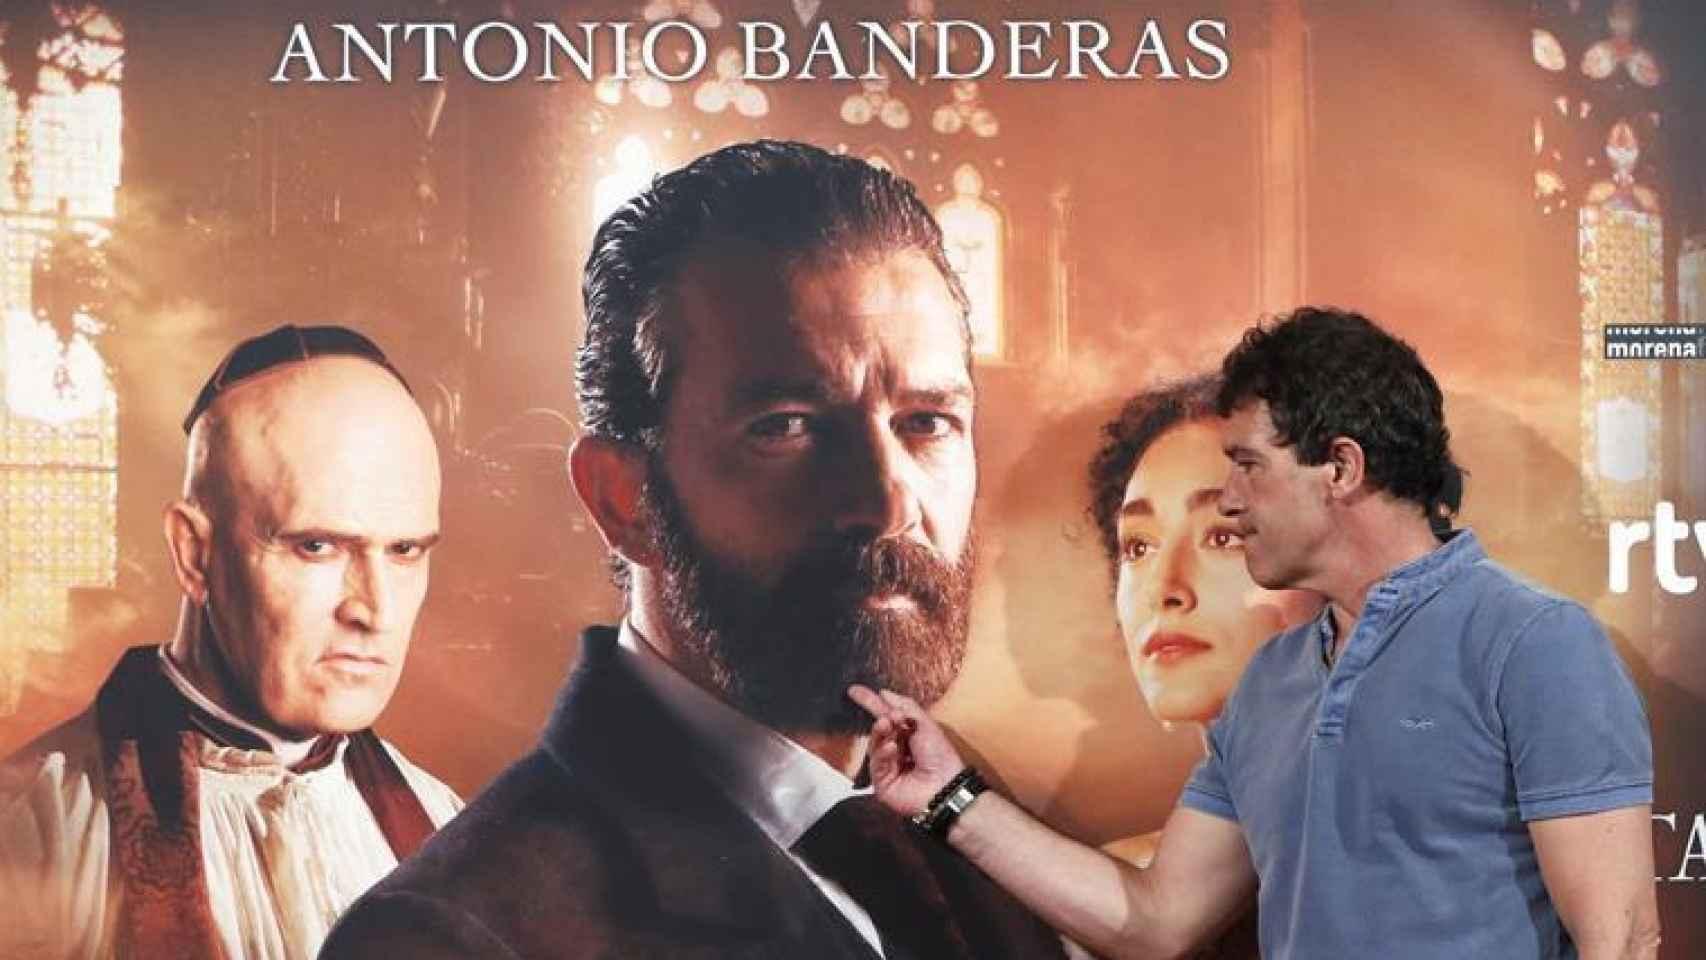 Antonio Banderas junto al equipo de Altamira.